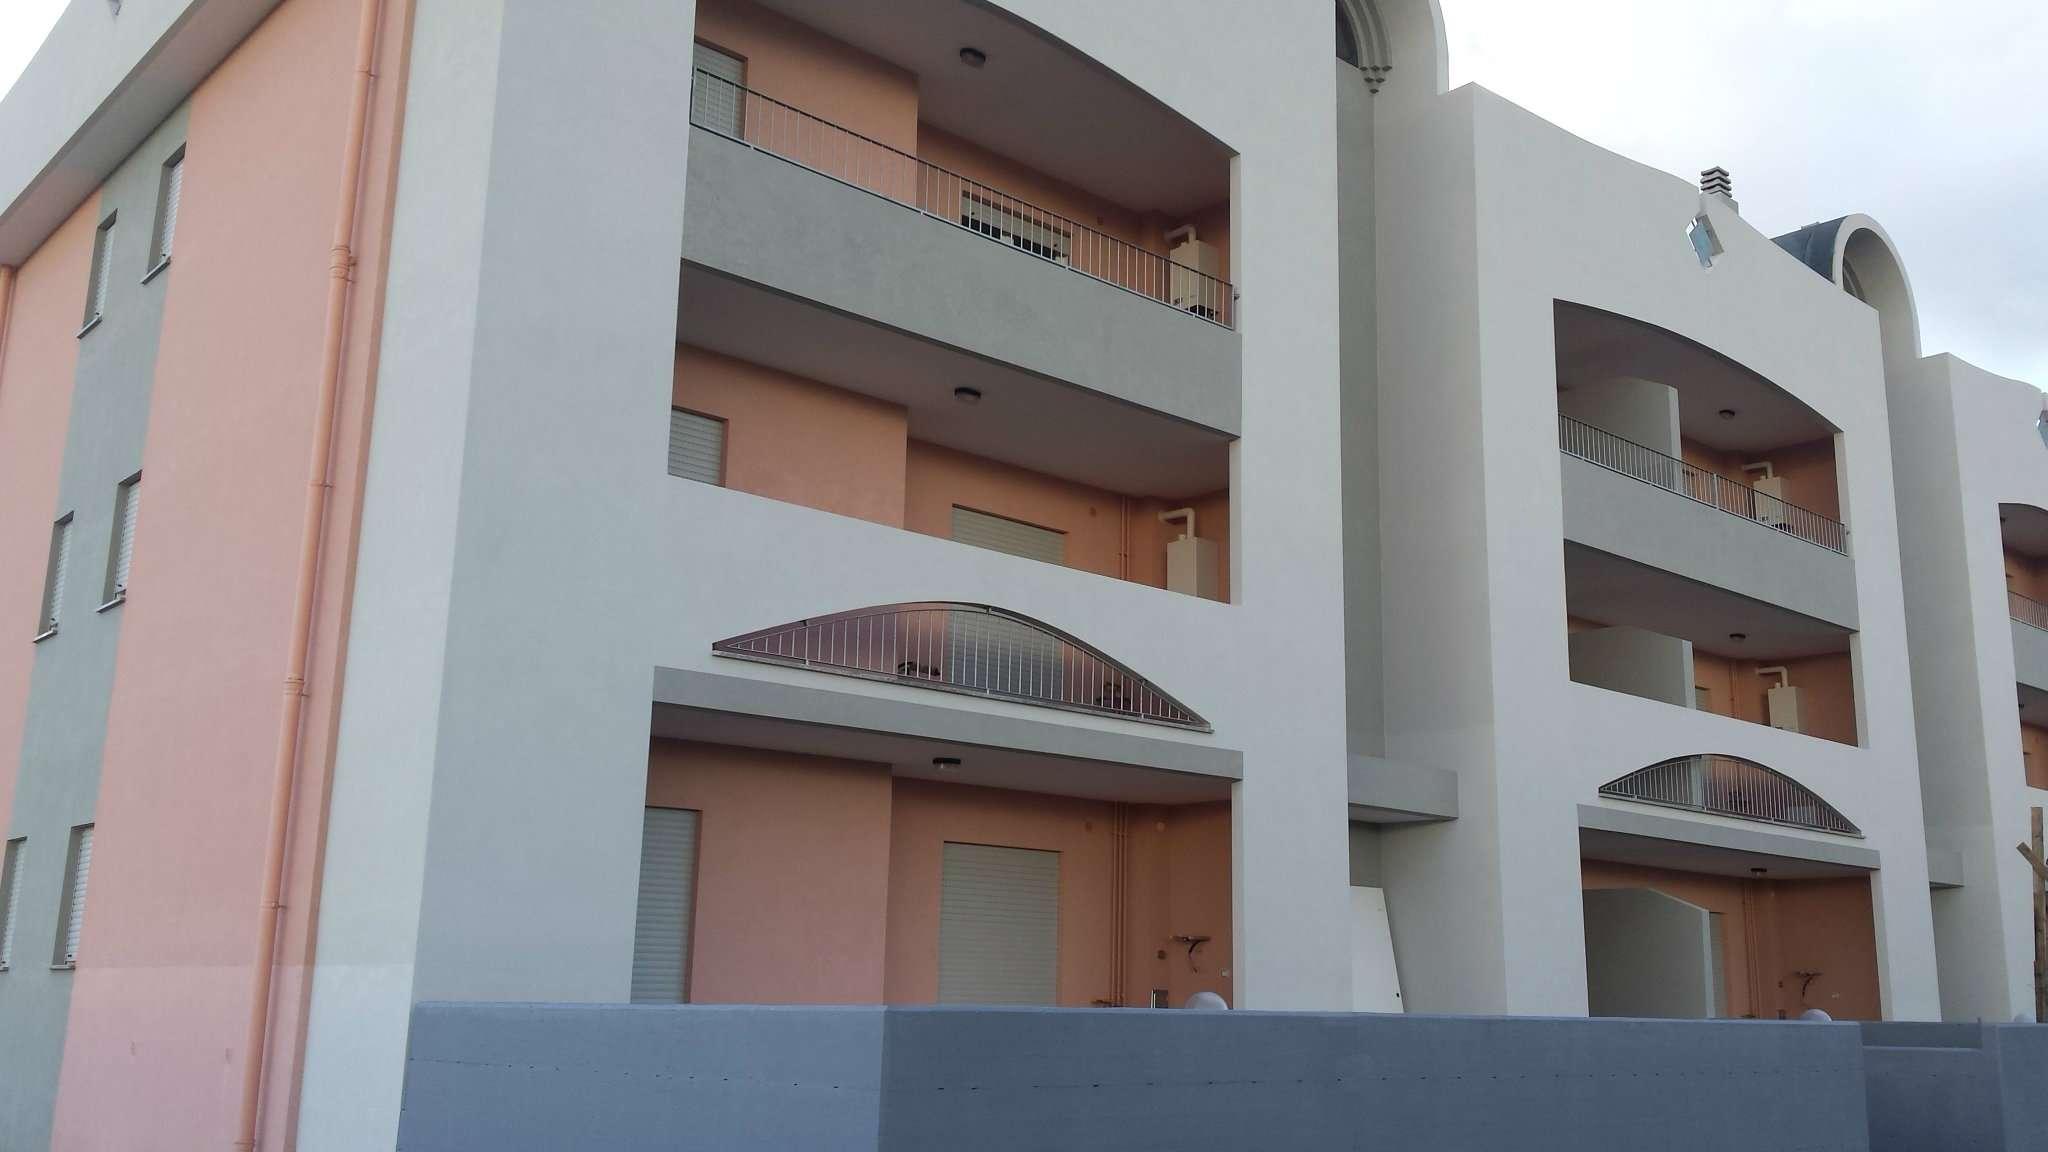 Appartamento in affitto a Pulsano, 2 locali, prezzo € 350 | CambioCasa.it